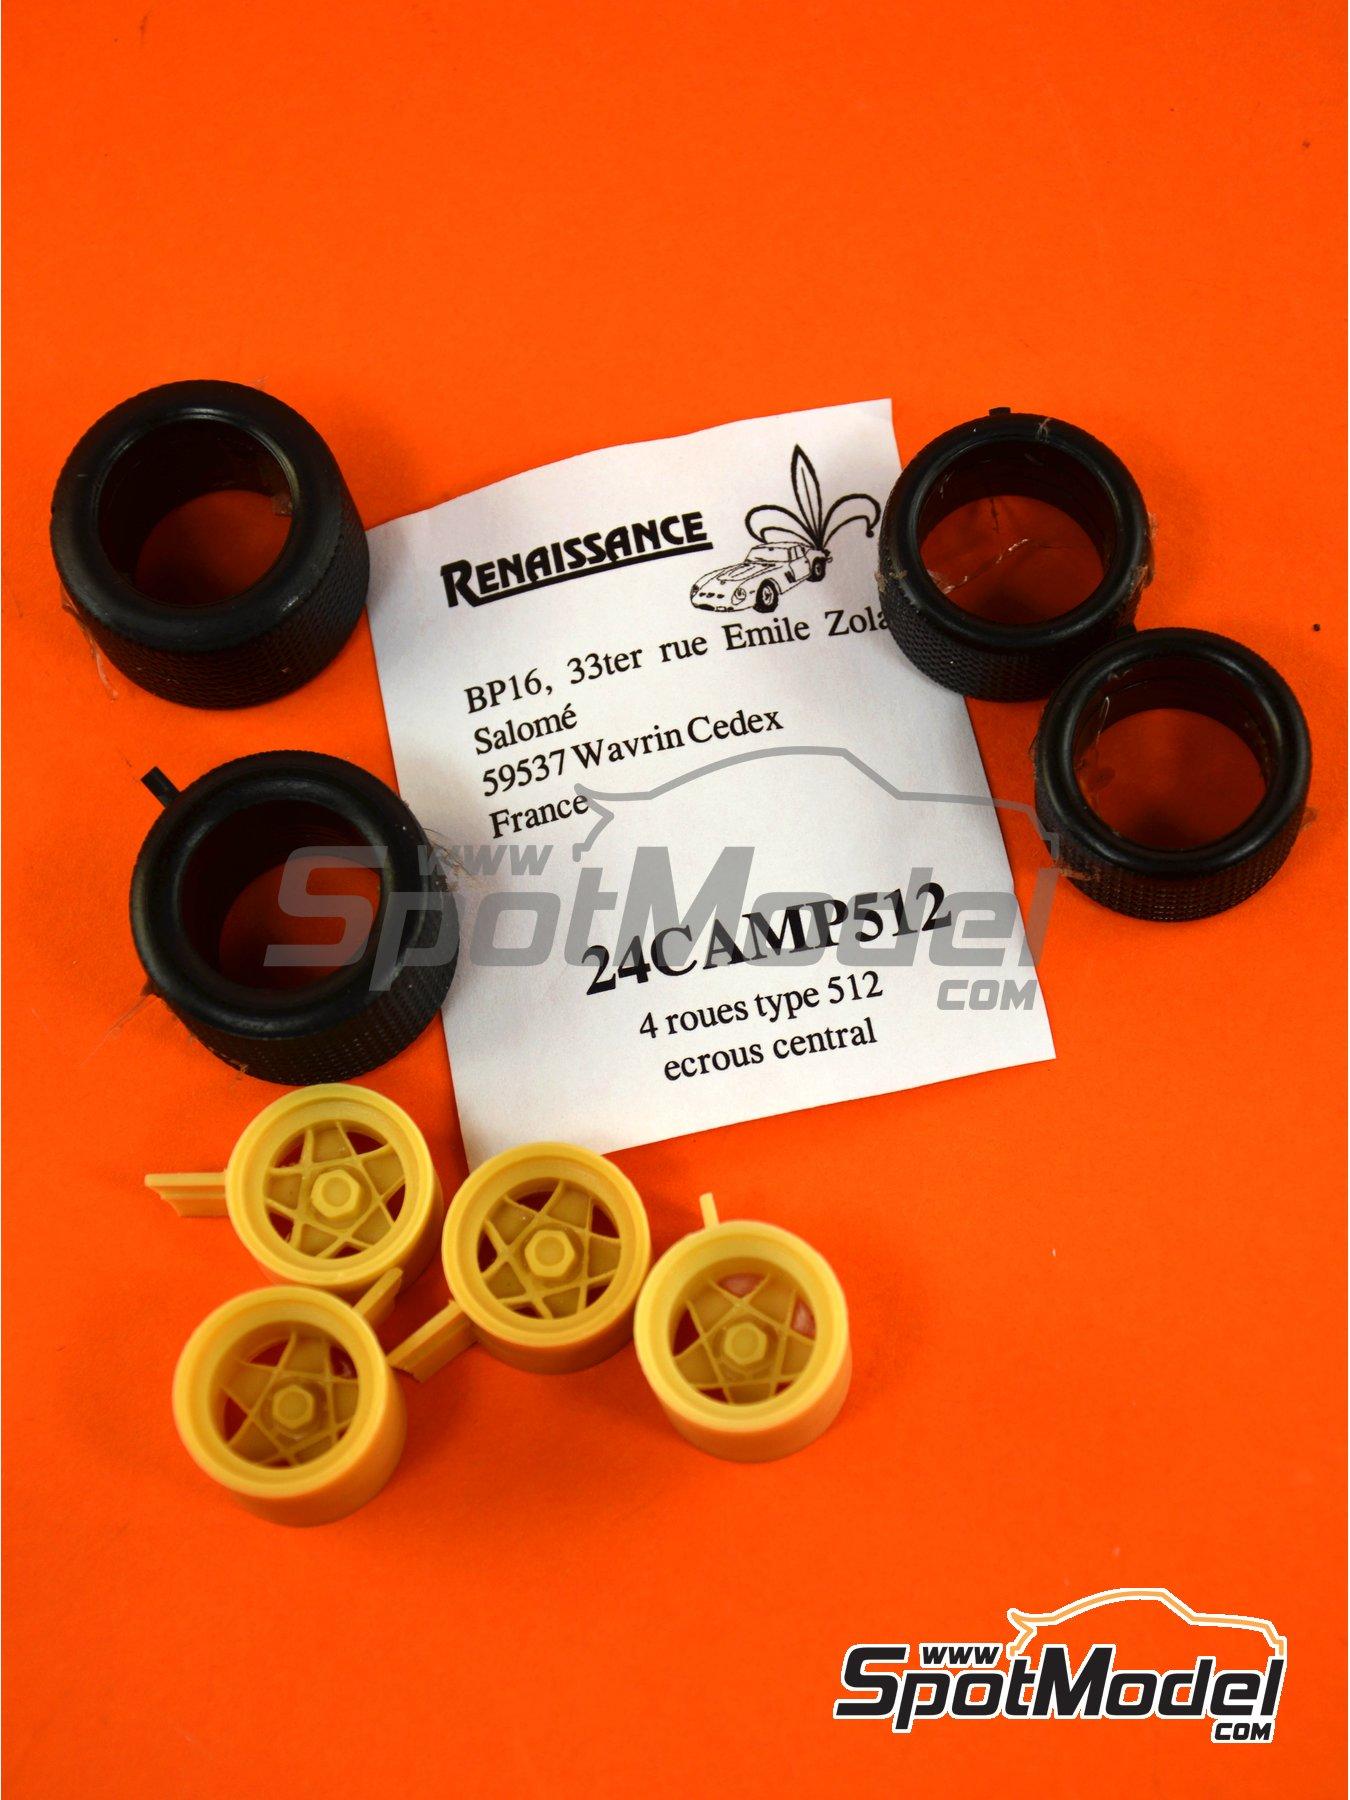 Campagnolo 15 pulgadas | Set de llantas y neumáticos en escala1/24 fabricado por Renaissance Models (ref.24CAMP512) image